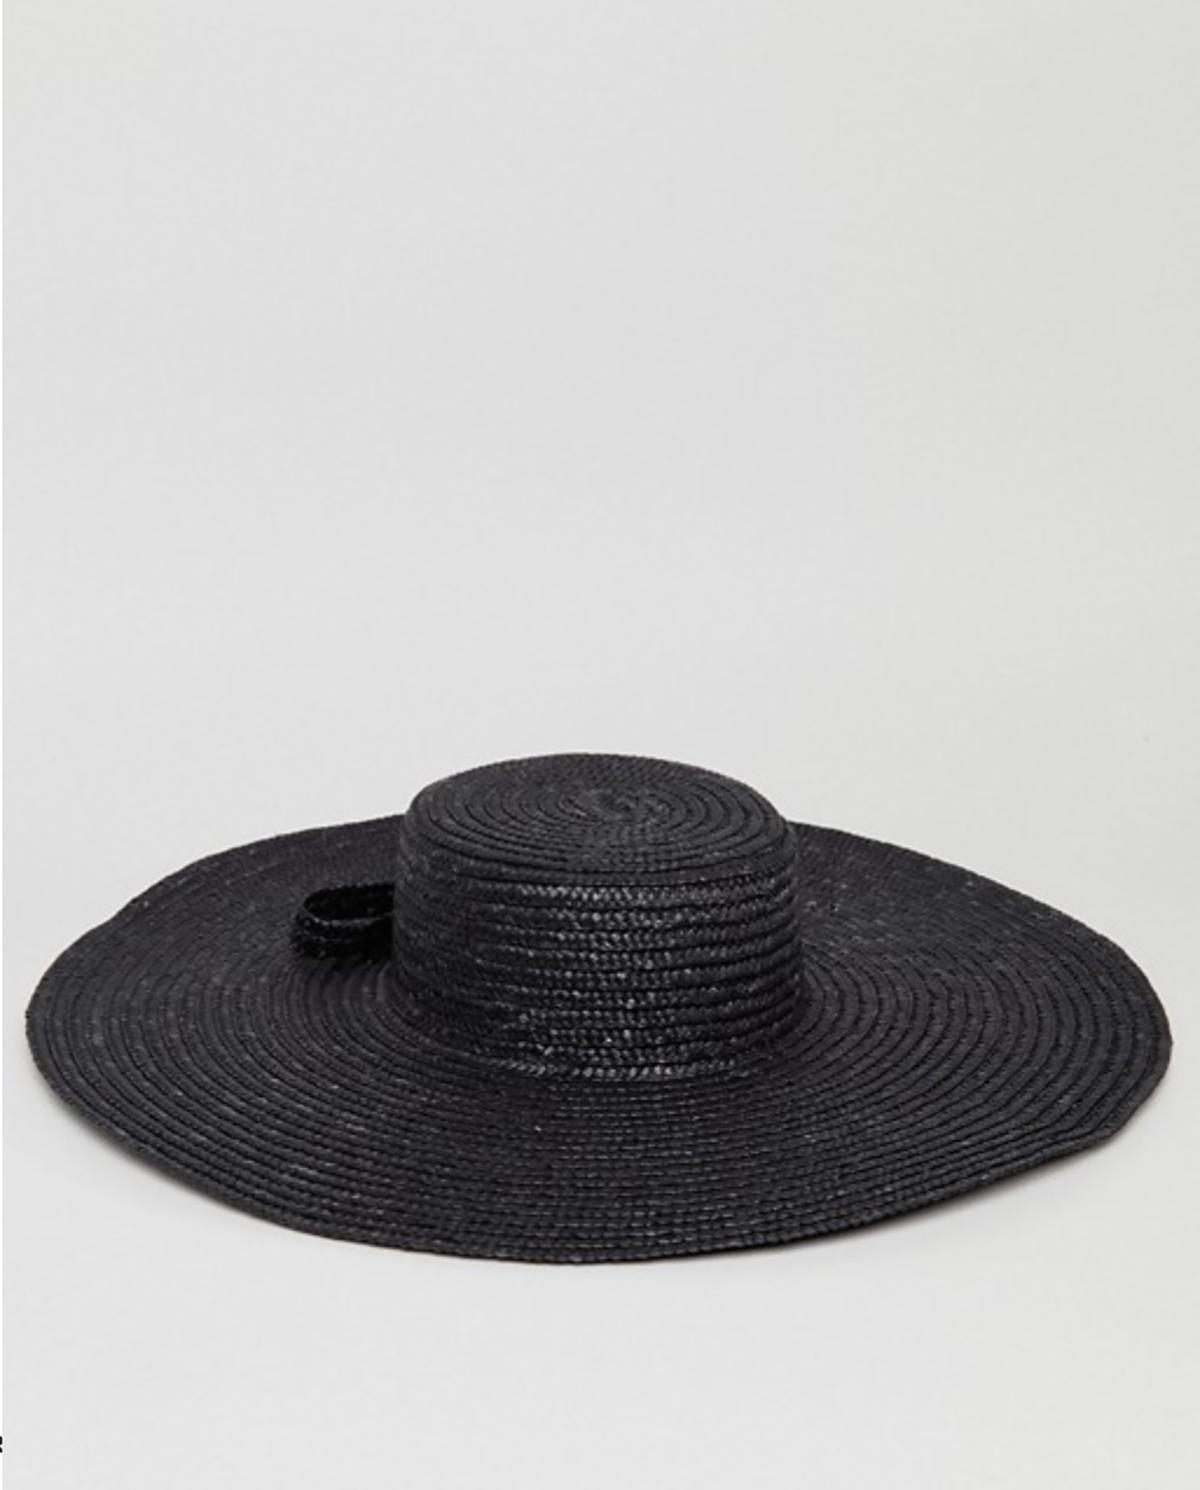 asos-sombrero-paja-natural-xl-grande-negro. Sombrero negro d3f62ec114e2